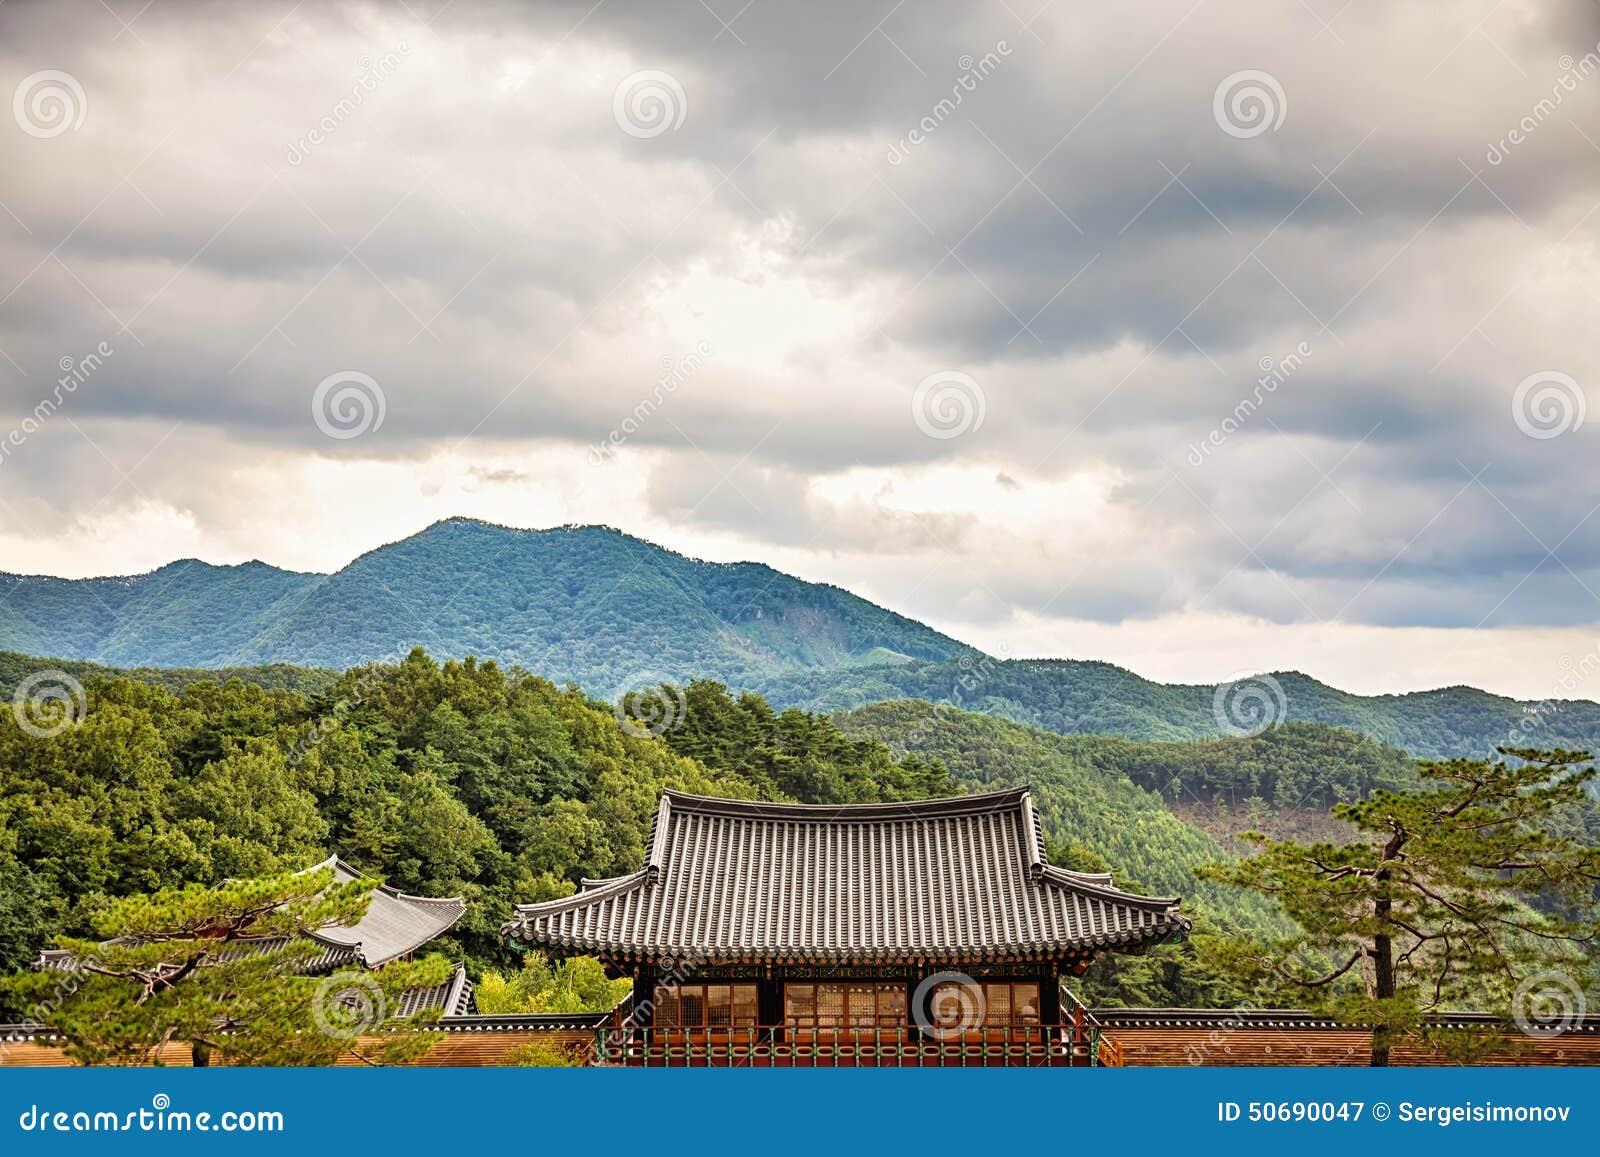 Download 在山的和尚寺庙在韩国 库存图片. 图片 包括有 韩文, 天空, 文化, 聚会所, 传统, 寺庙, 镇痛药 - 50690047